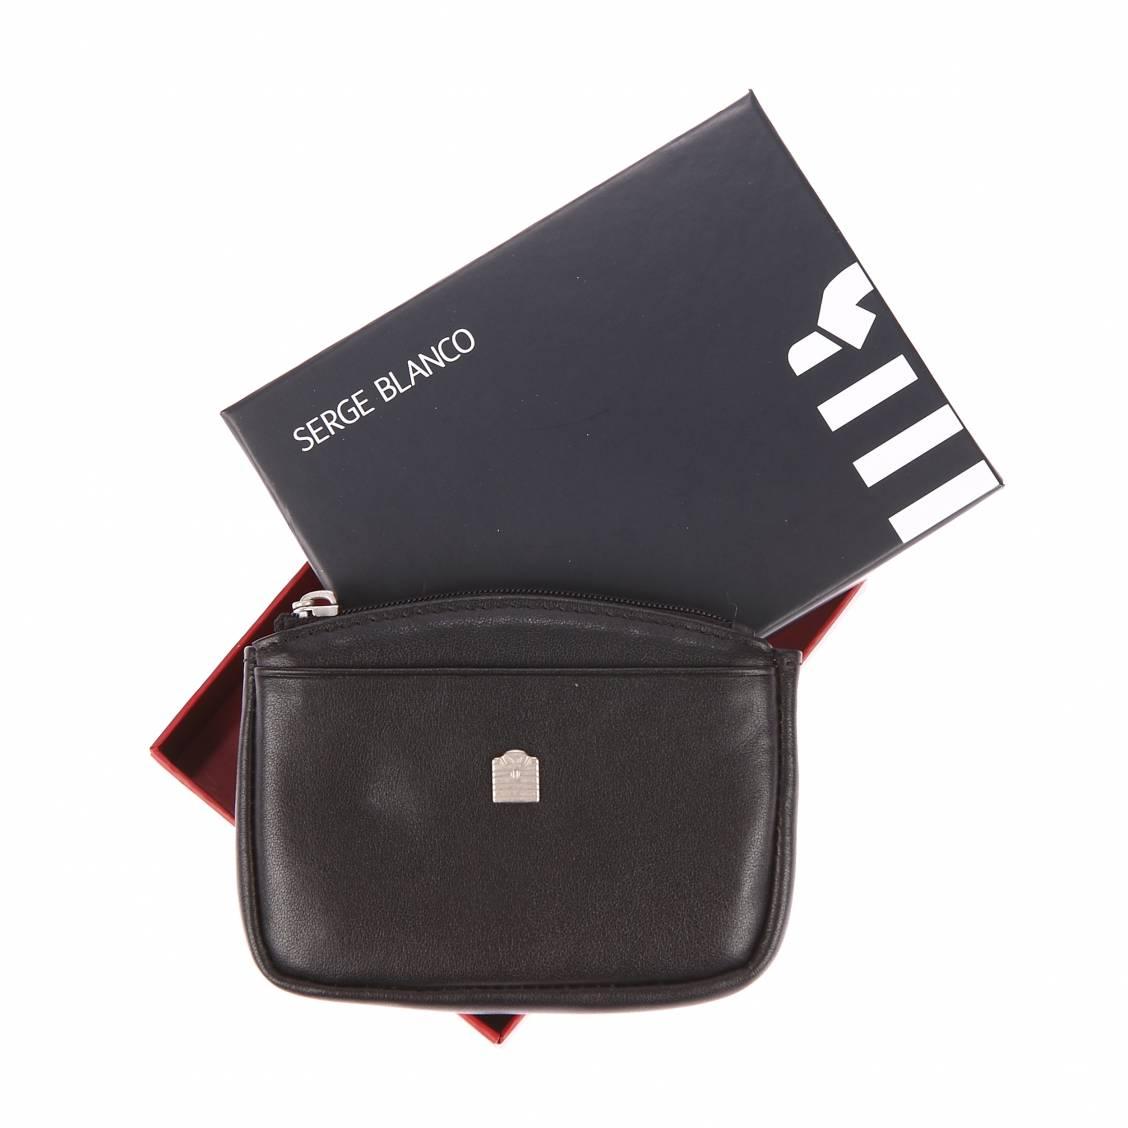 meilleur service c9649 078eb Porte-monnaie zippé Serge Blanco en cuir noir | Rue Des Hommes